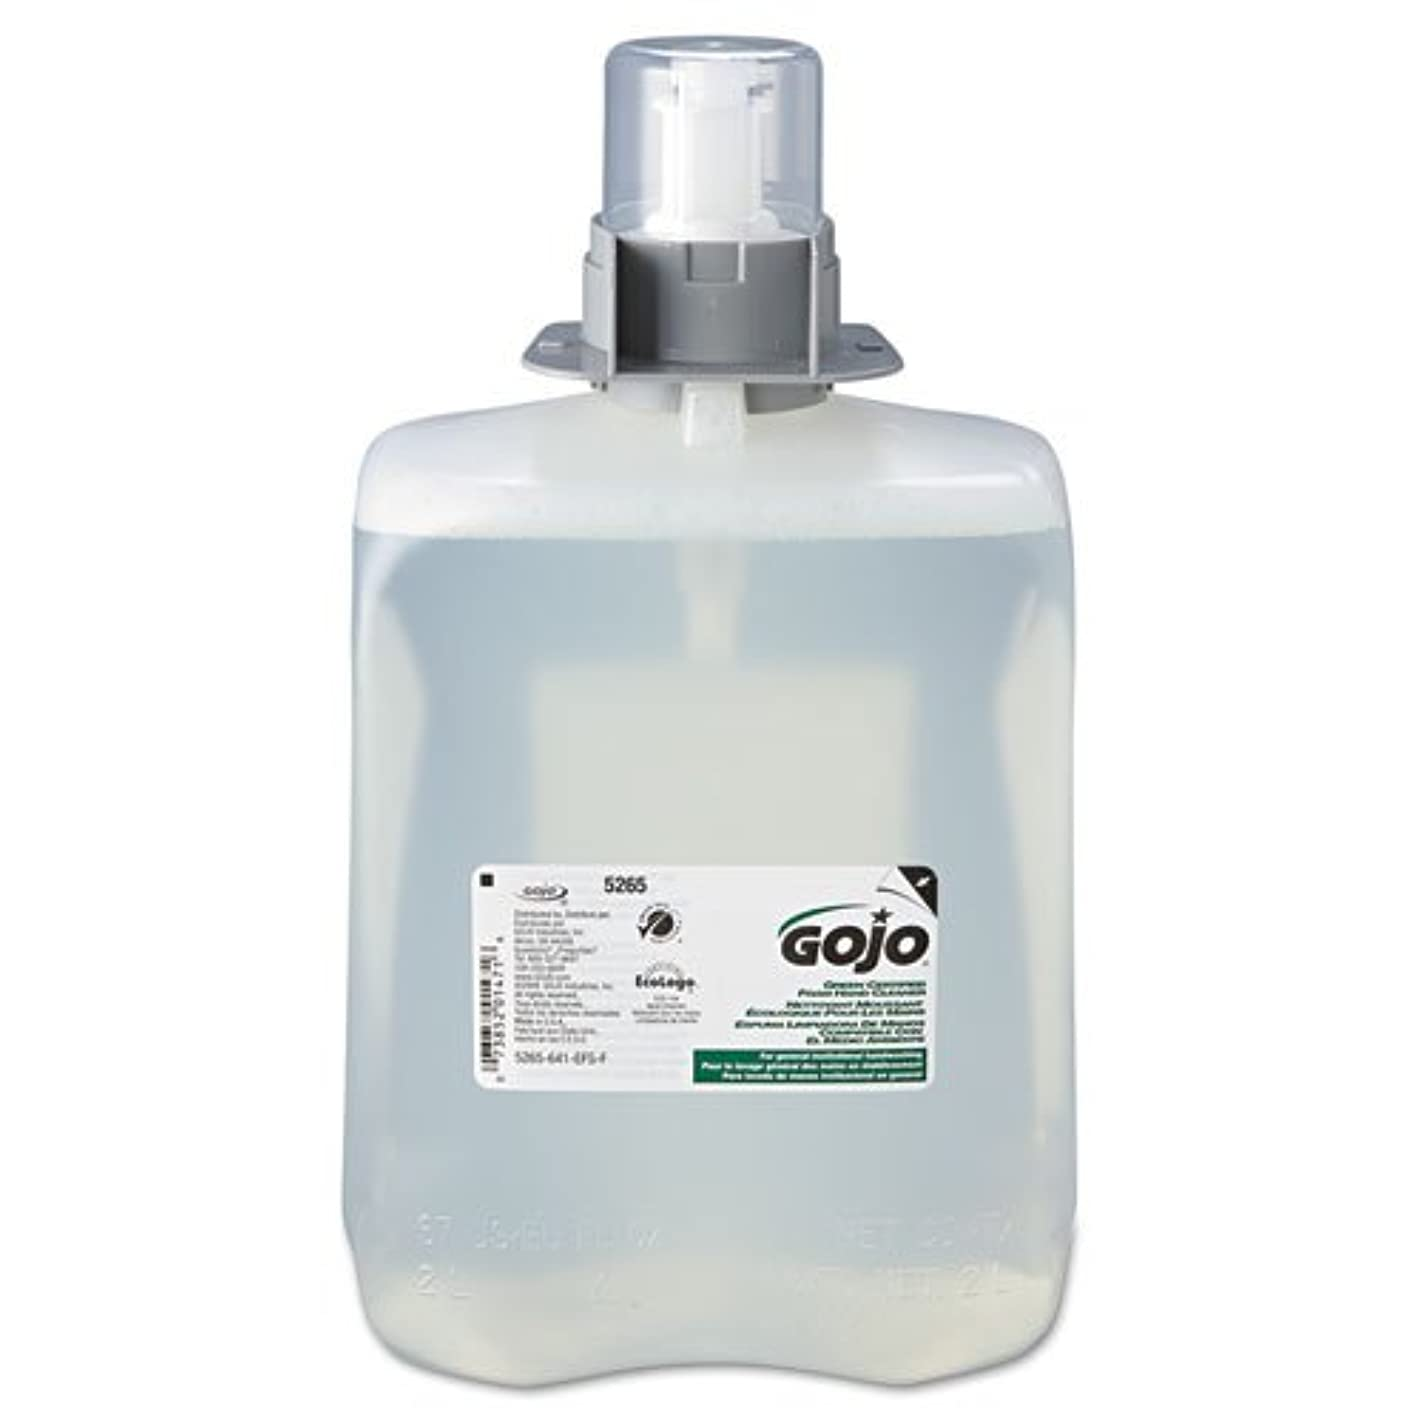 能力冷蔵庫星goj526502 – グリーン認定Foam Hand Cleaner